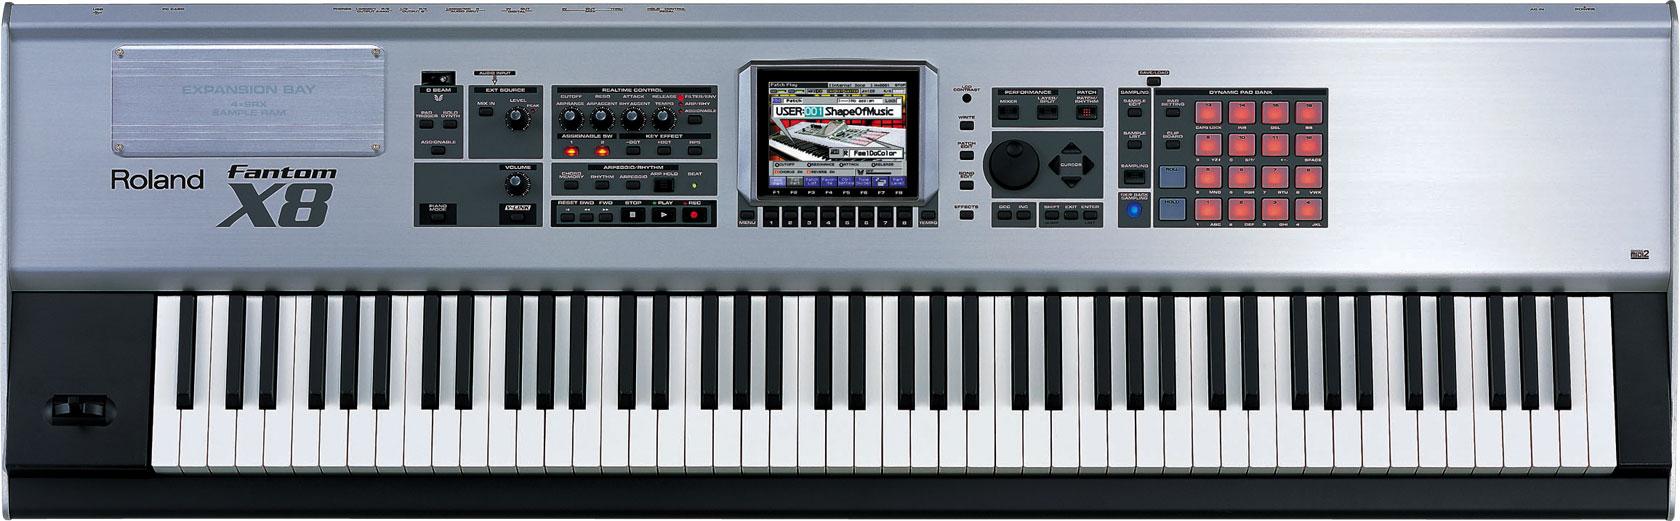 Image Result For Roland Fantom Keyboard